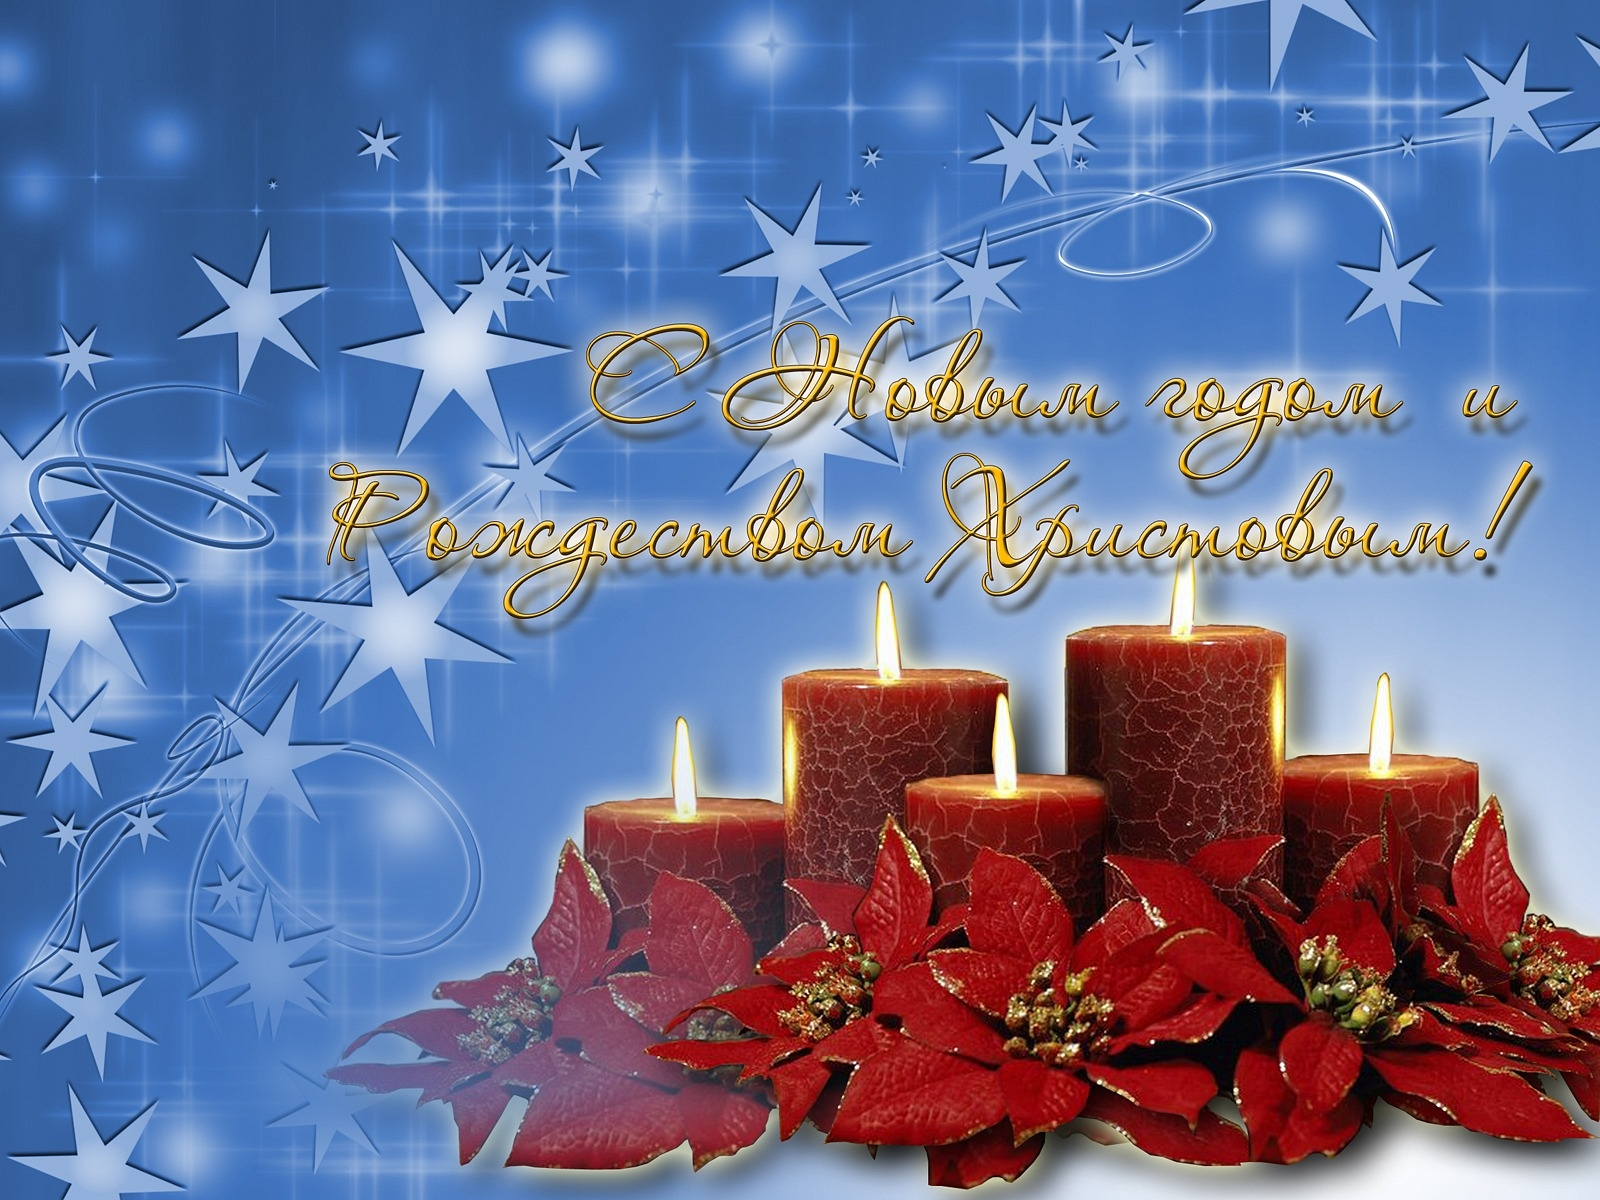 Картинки поздравление с новым годом и рождеством